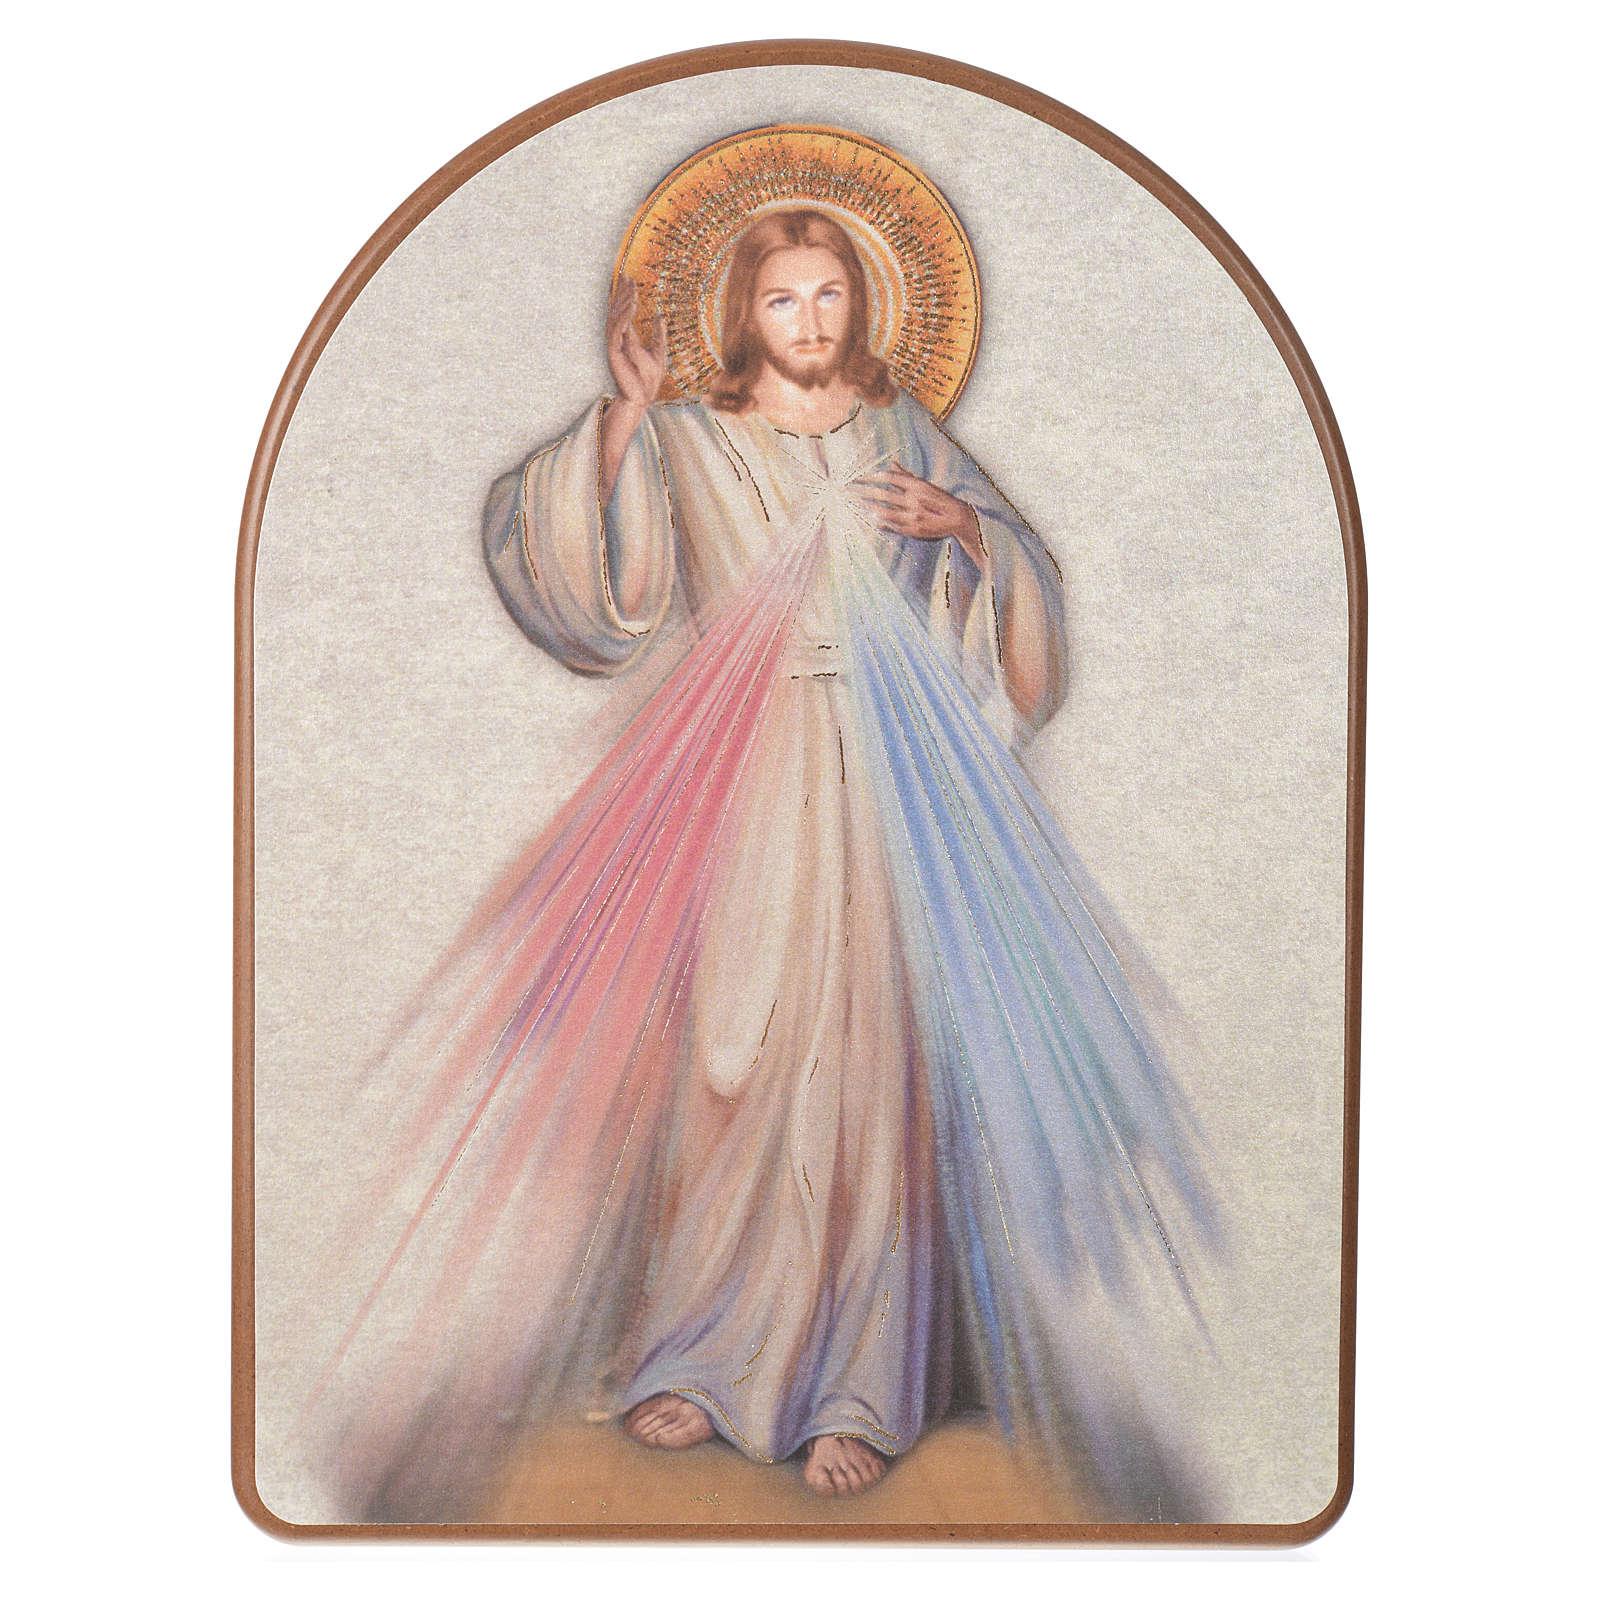 Impression sur bois 15x20 cm Christ Miséricordieux 3